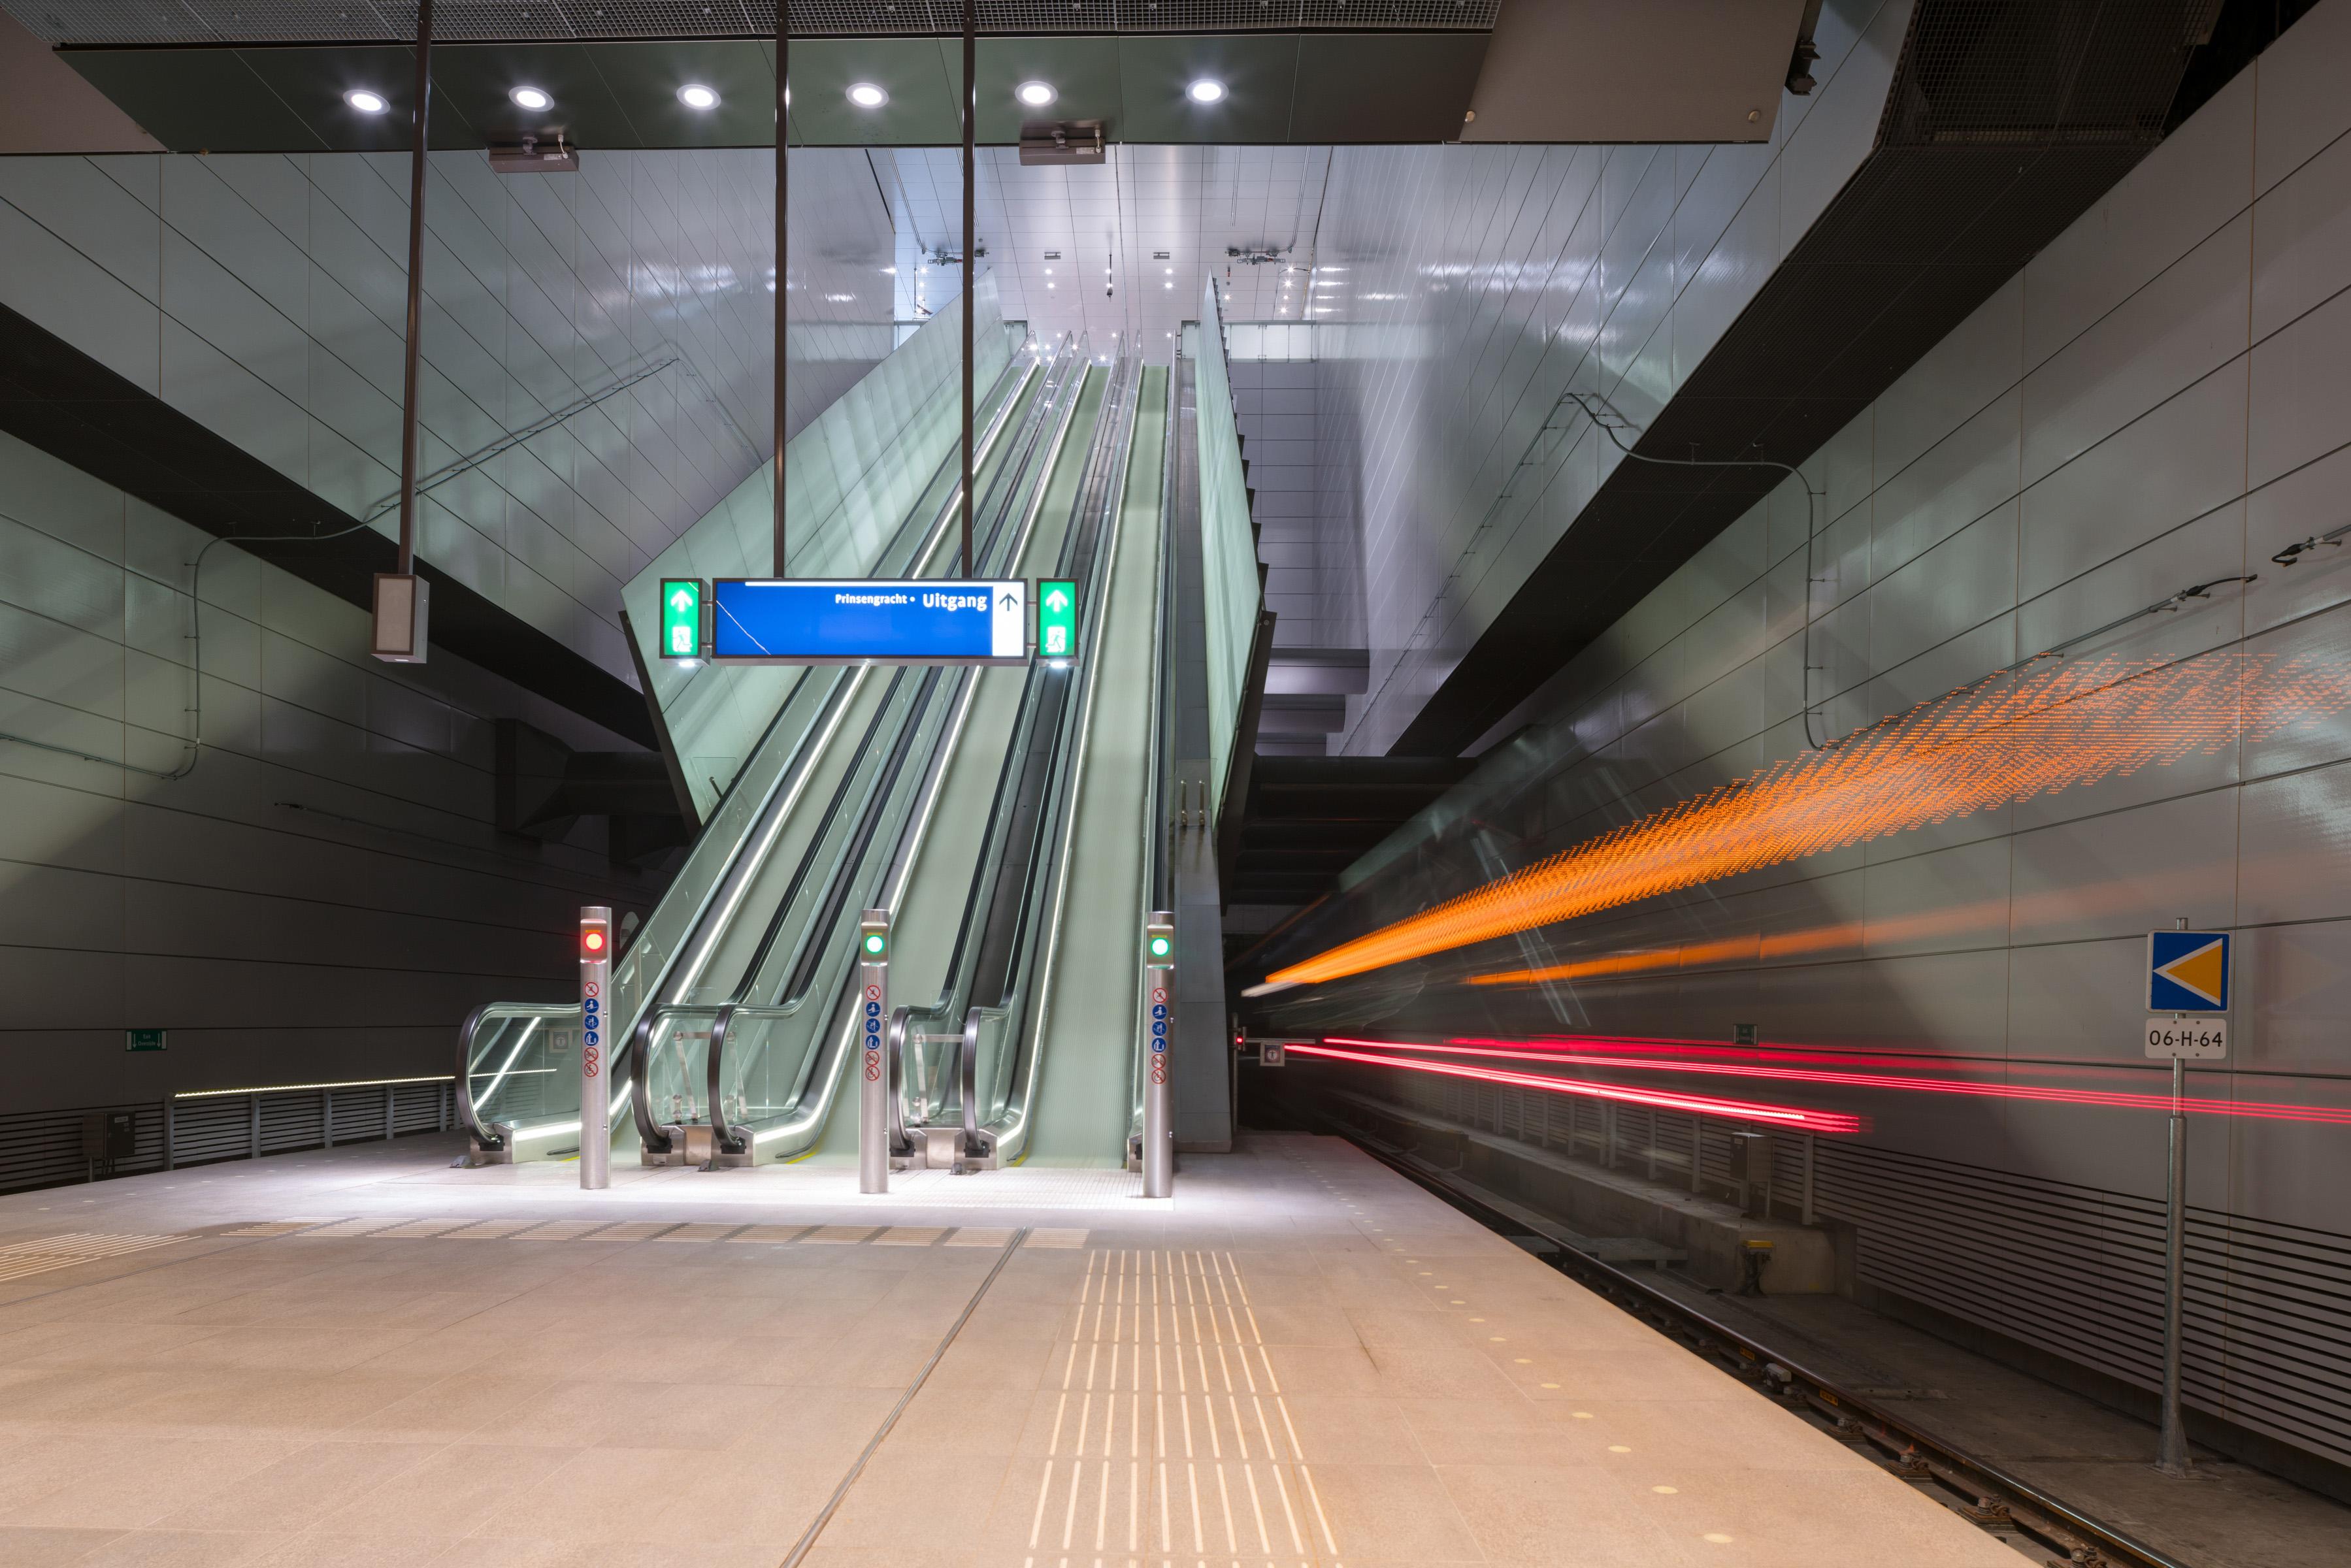 <p>Station Vijzelgracht: Jannes Linders</p>